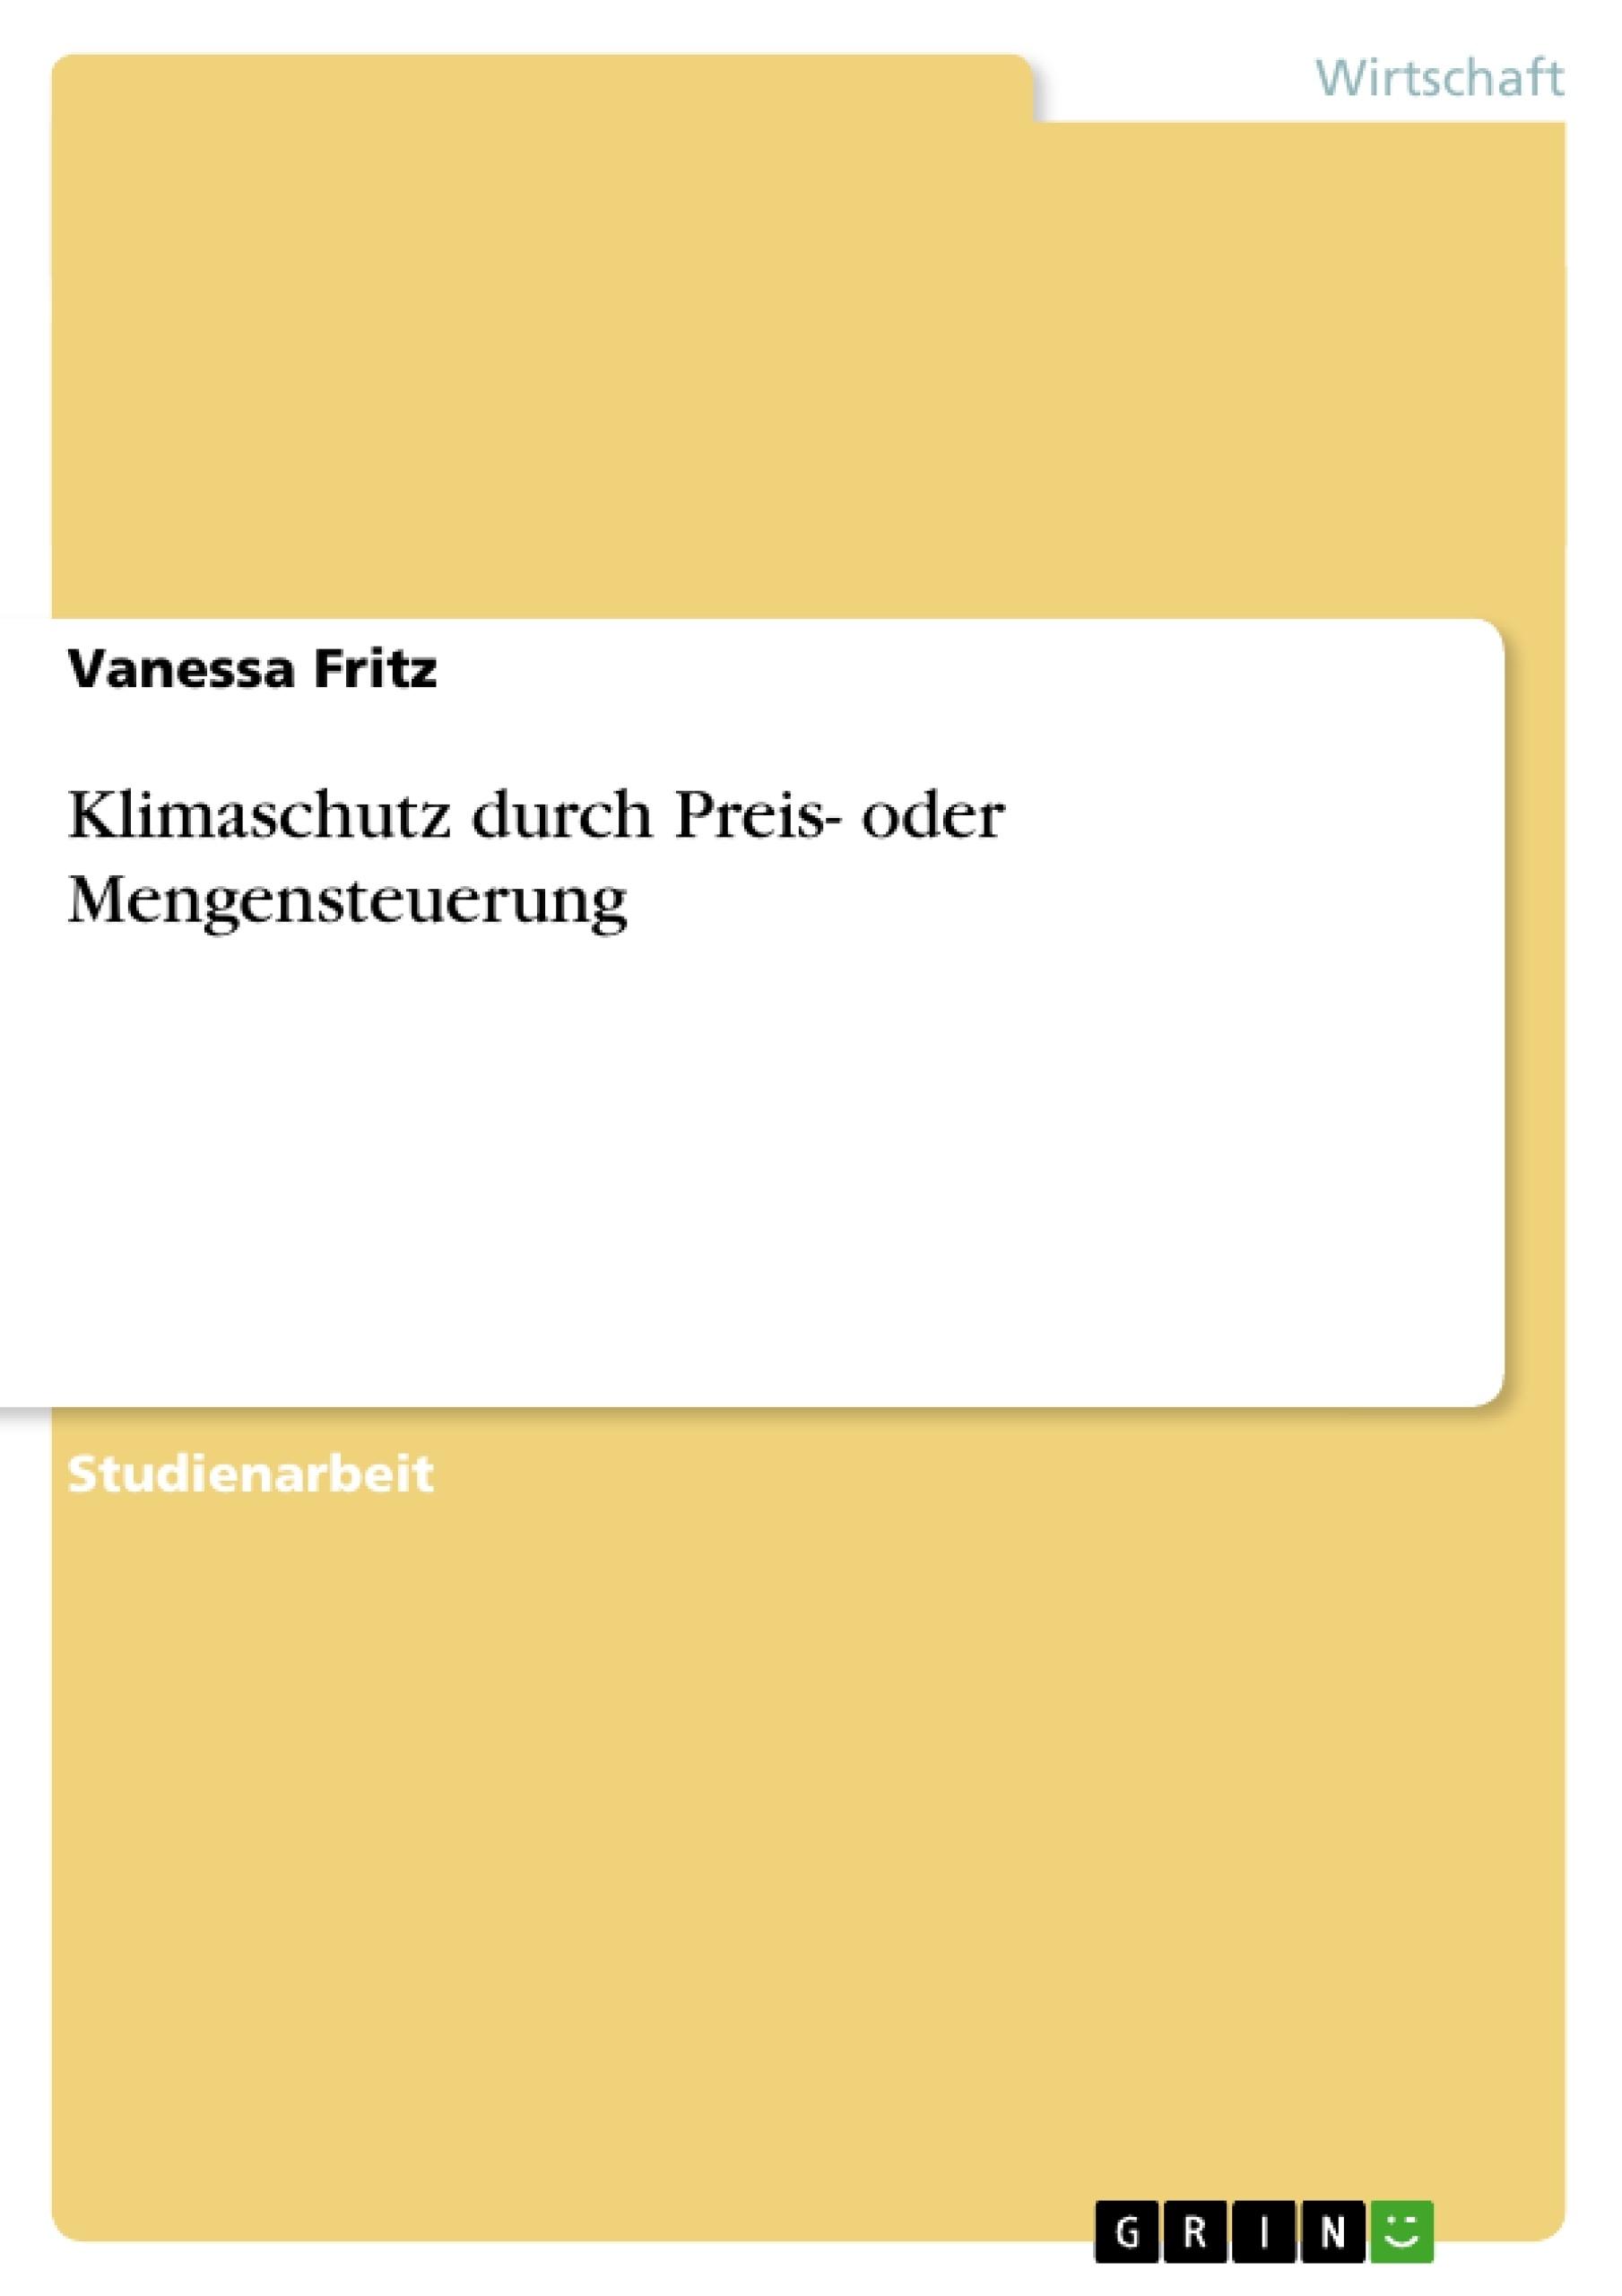 Titel: Klimaschutz durch Preis- oder Mengensteuerung